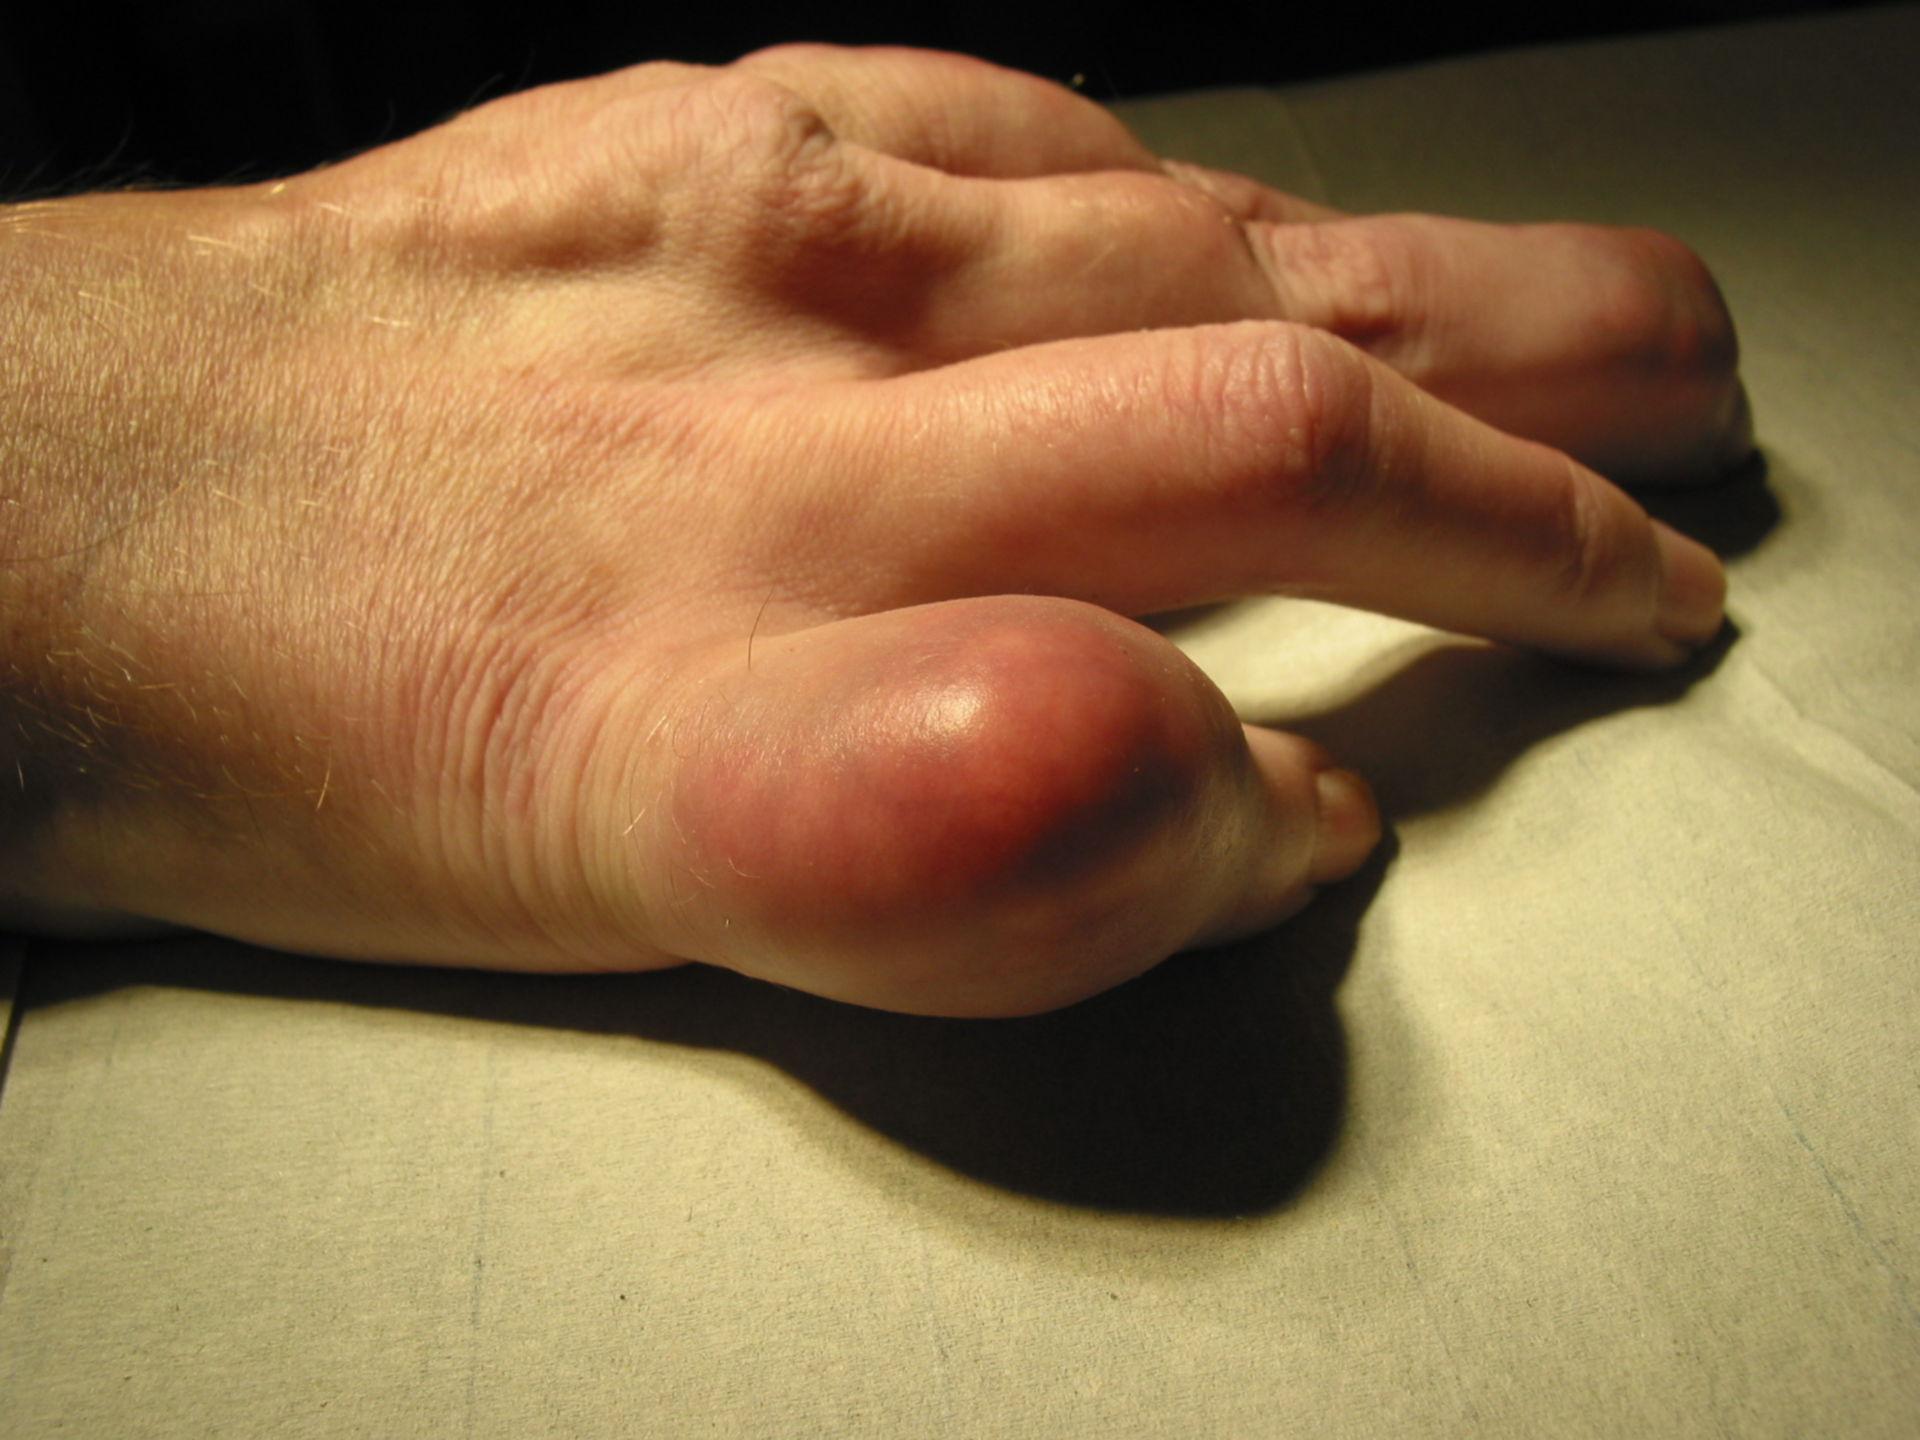 Gota afectando al quinto dedo